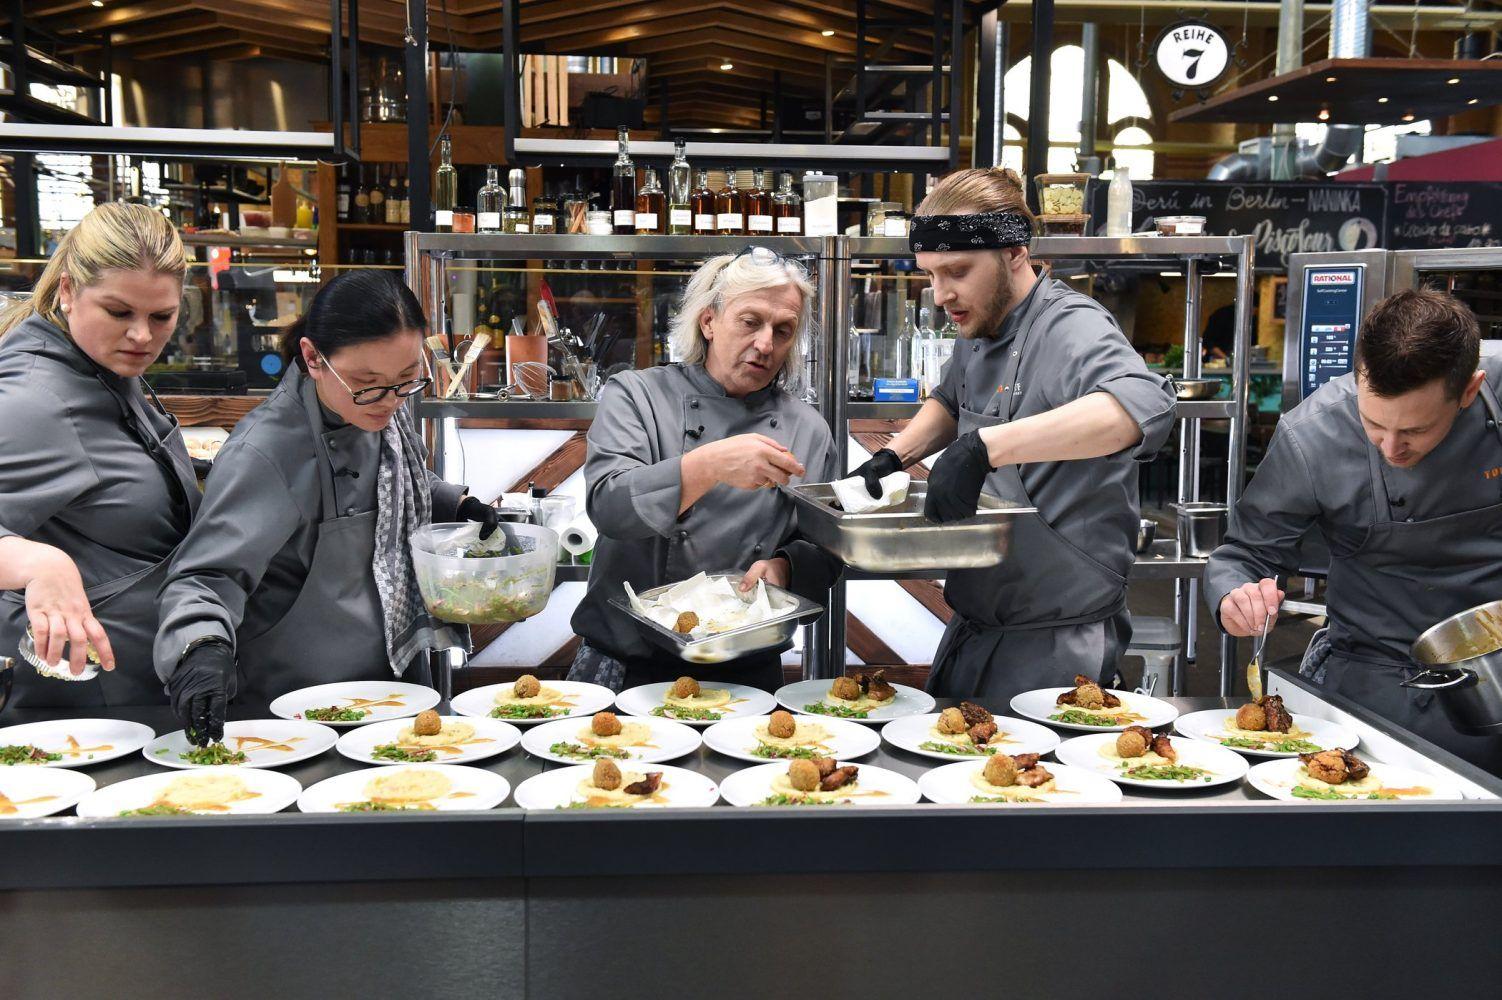 Die Messer Sind Gewetzt Zwolf Der Besten Koche Deutschlands Wollen Top Chef Germany Werden Ab Mittwoch 8 Mai 2019 Um 20 15 Uhr In Sat 1 Kochen Kuchenchef Sternekoch